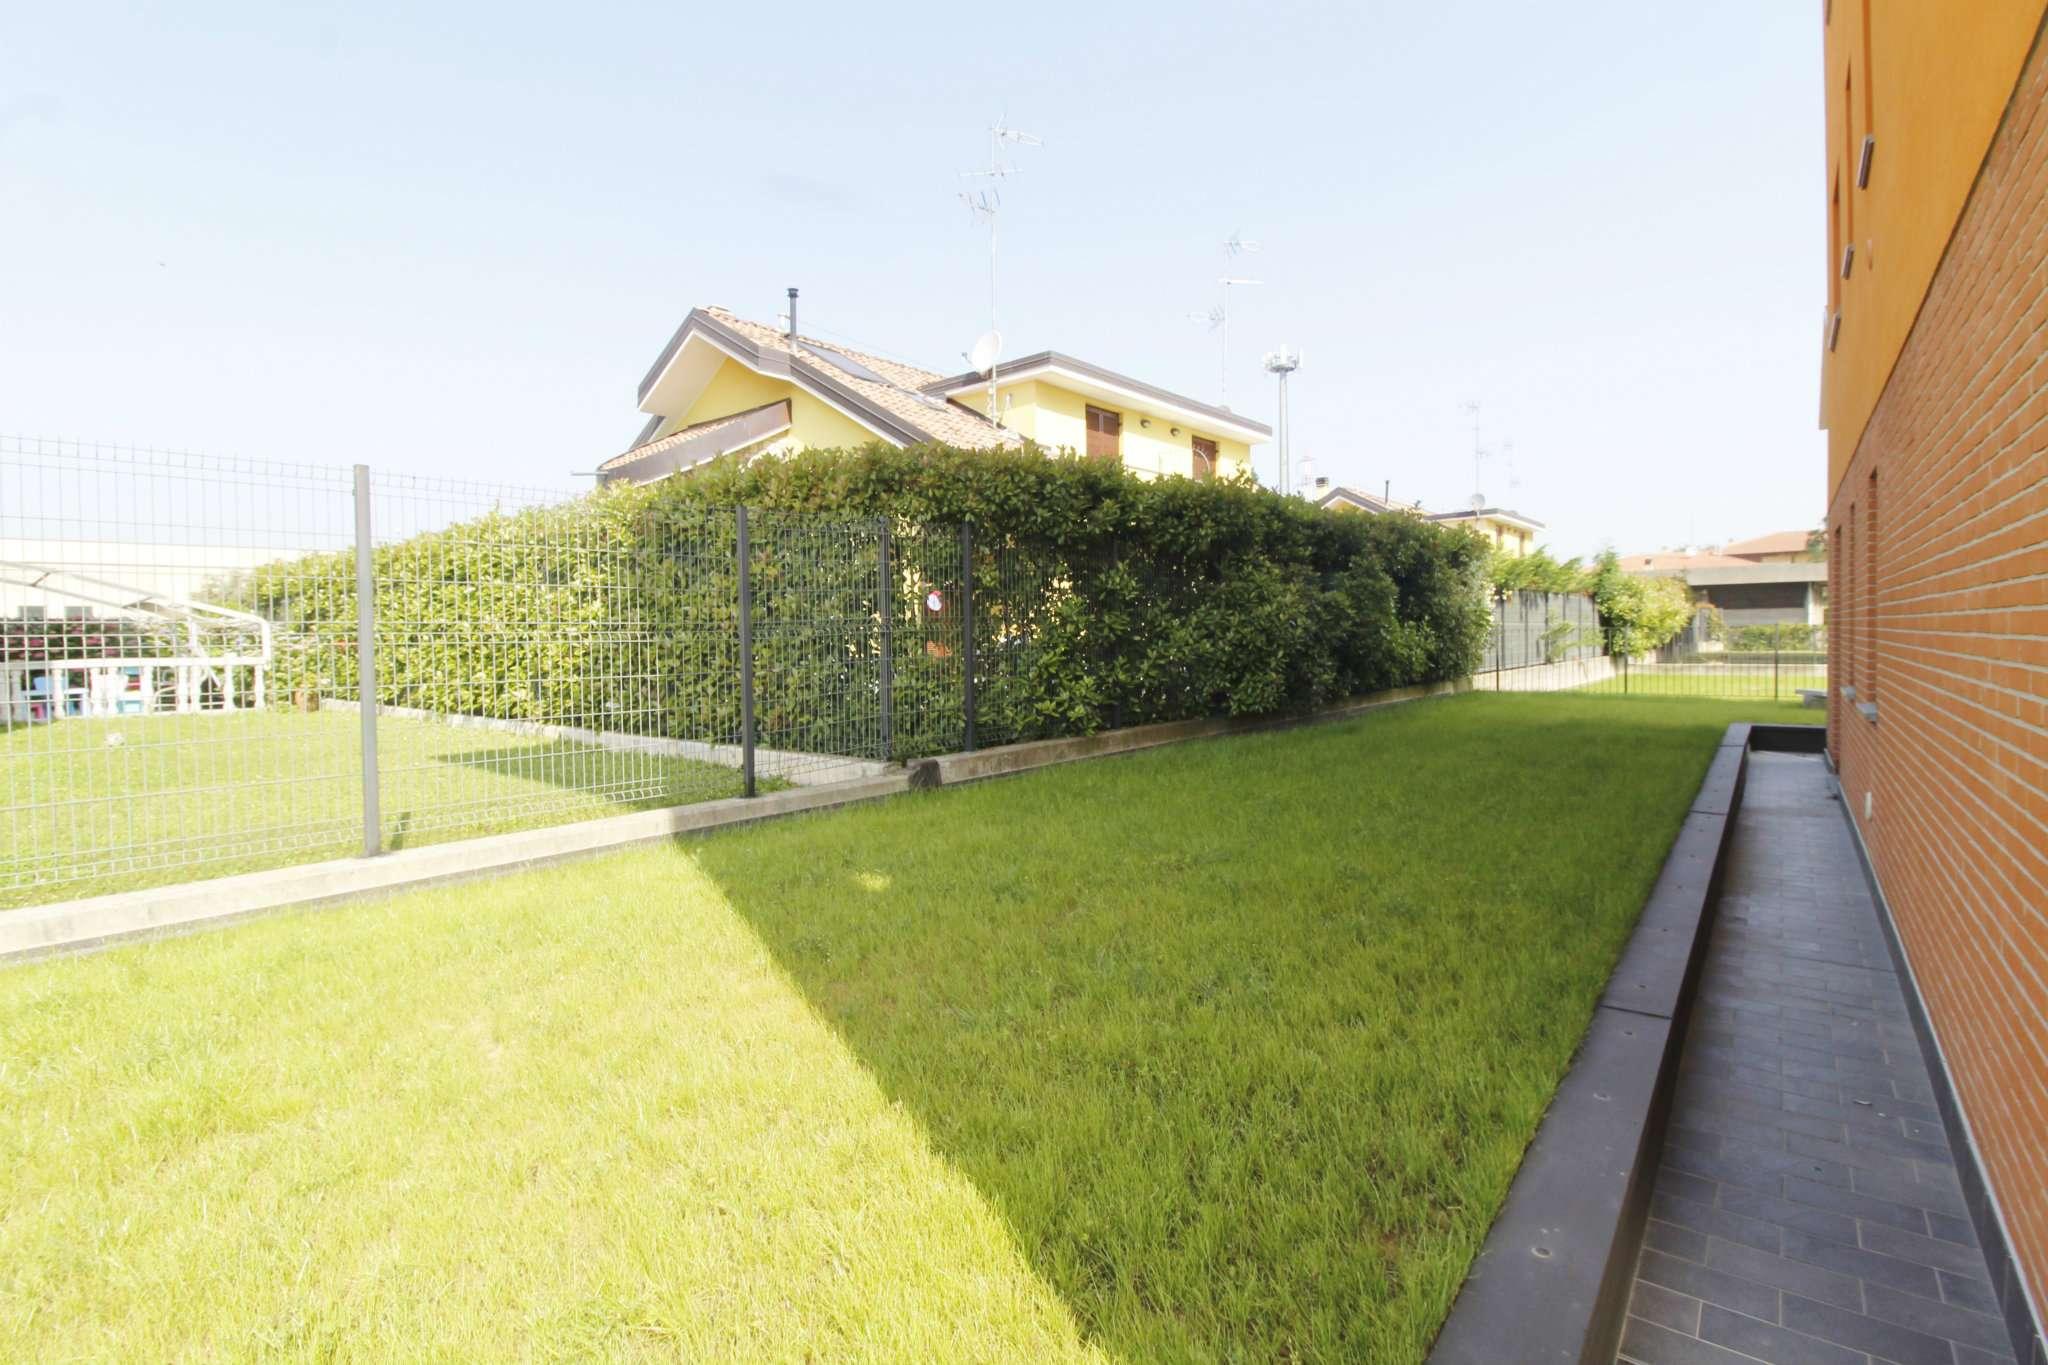 Appartamento in vendita a Mezzago, 2 locali, prezzo € 115.000 | PortaleAgenzieImmobiliari.it